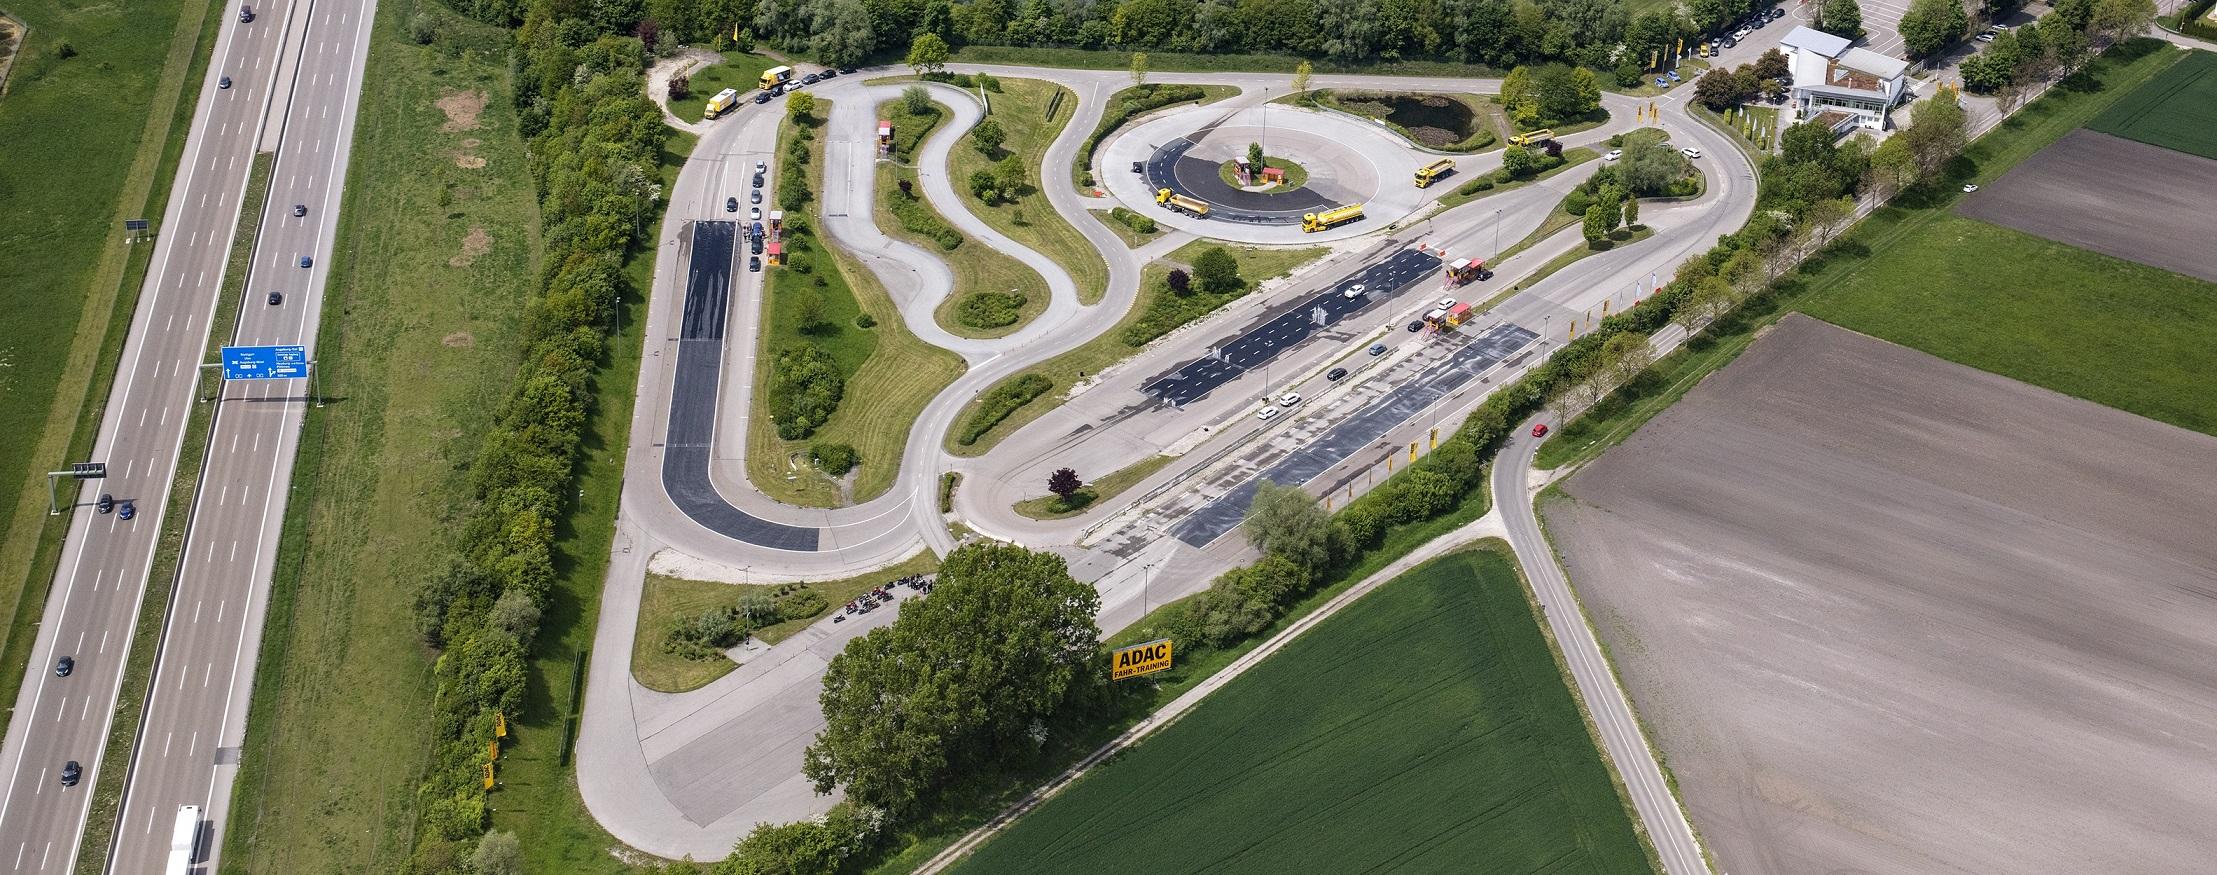 ADAC Fahrsicherheitszentrum Augsburg